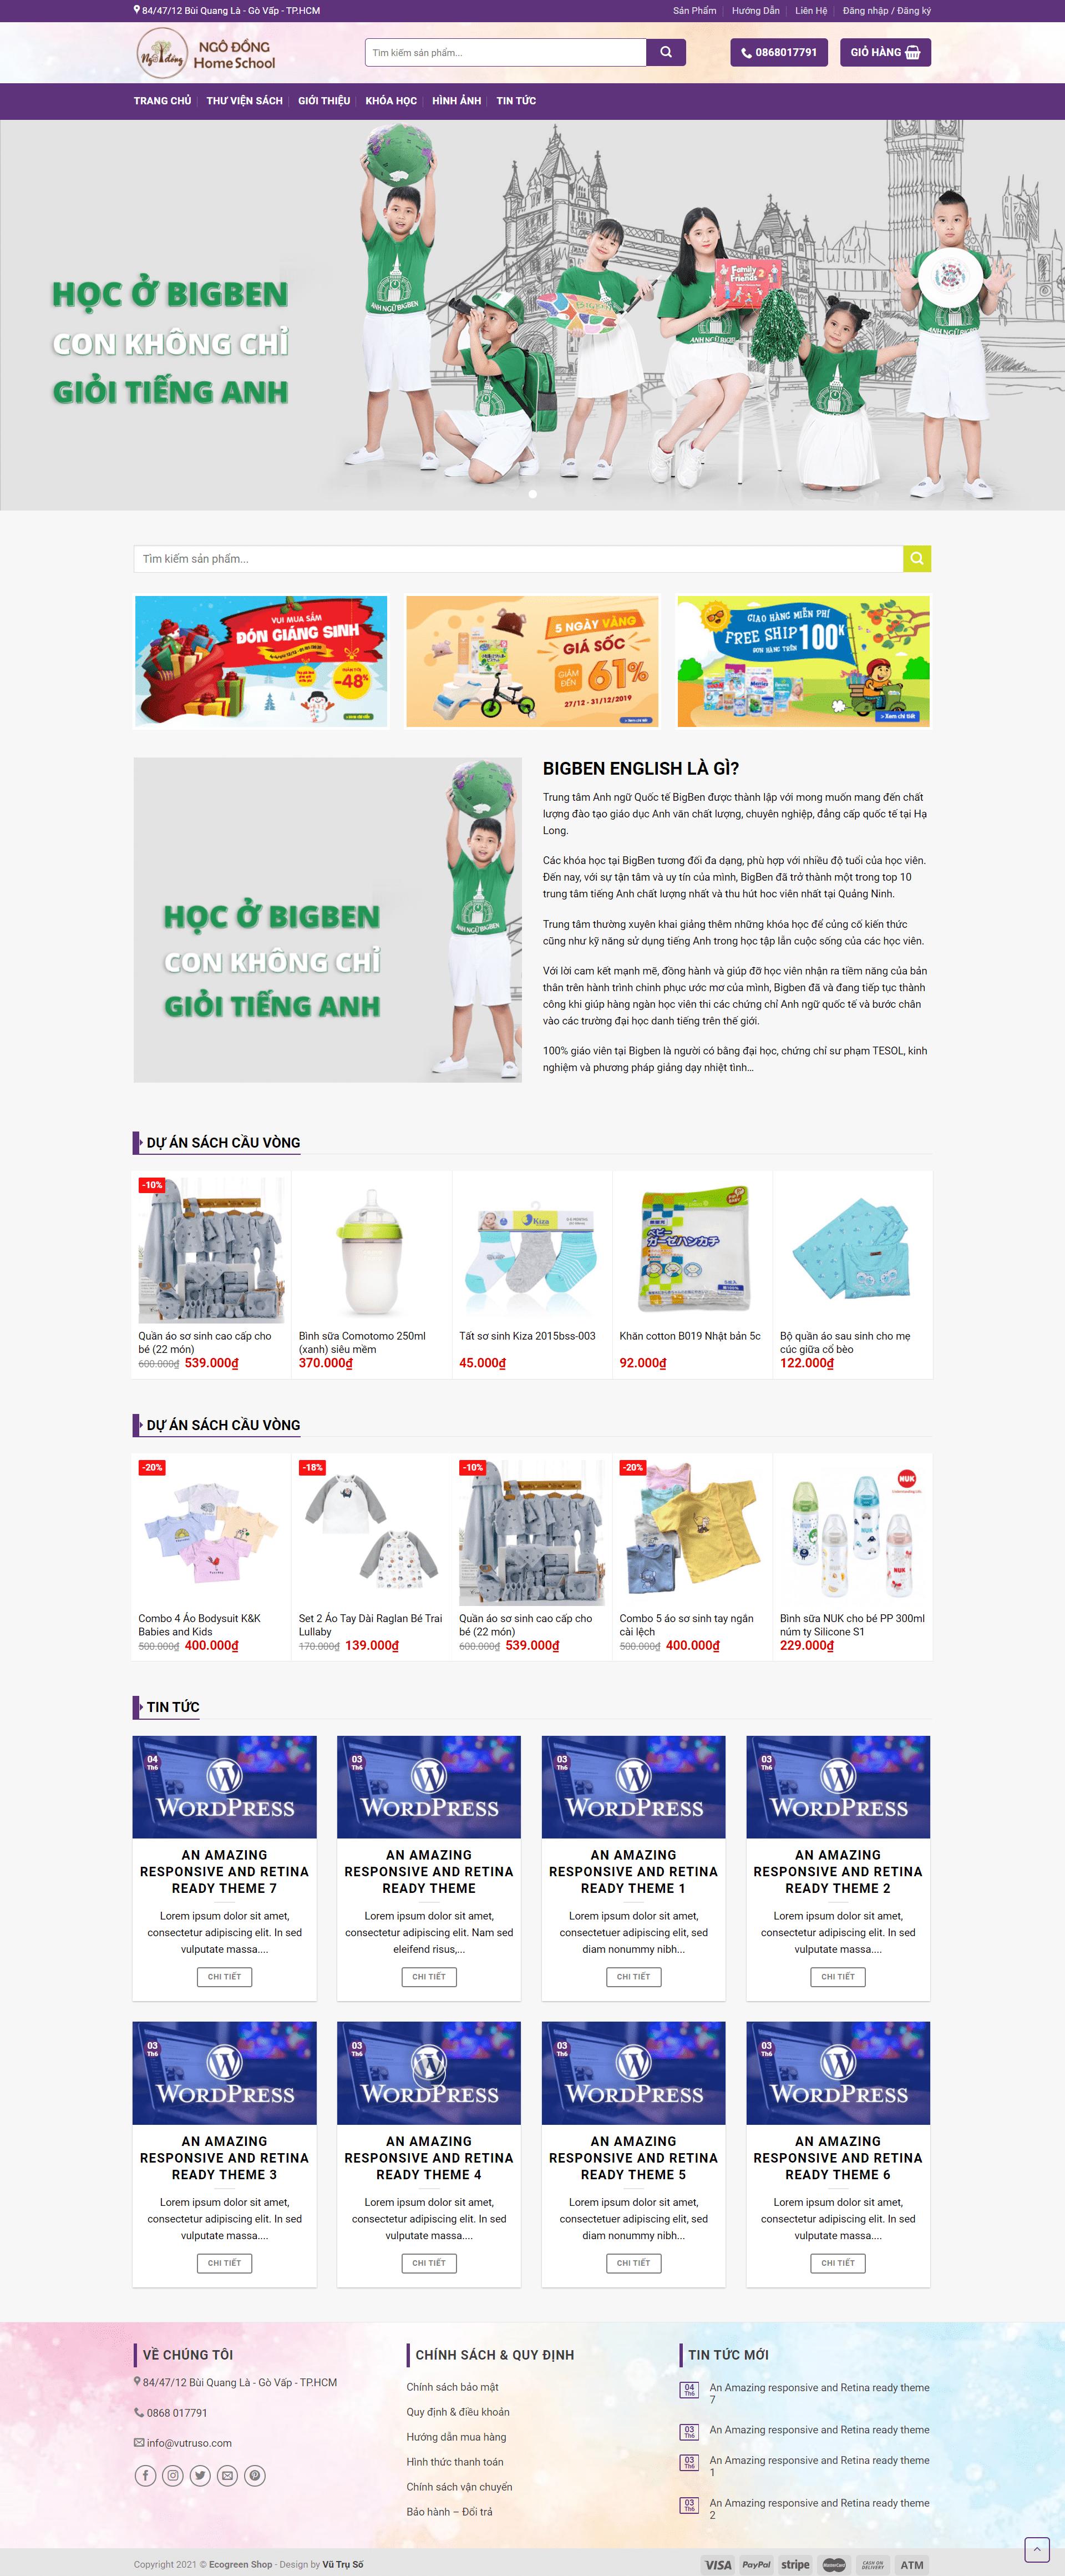 Mẫu website đẹp về giáo dục + bán hàng – Ecogreen Shop